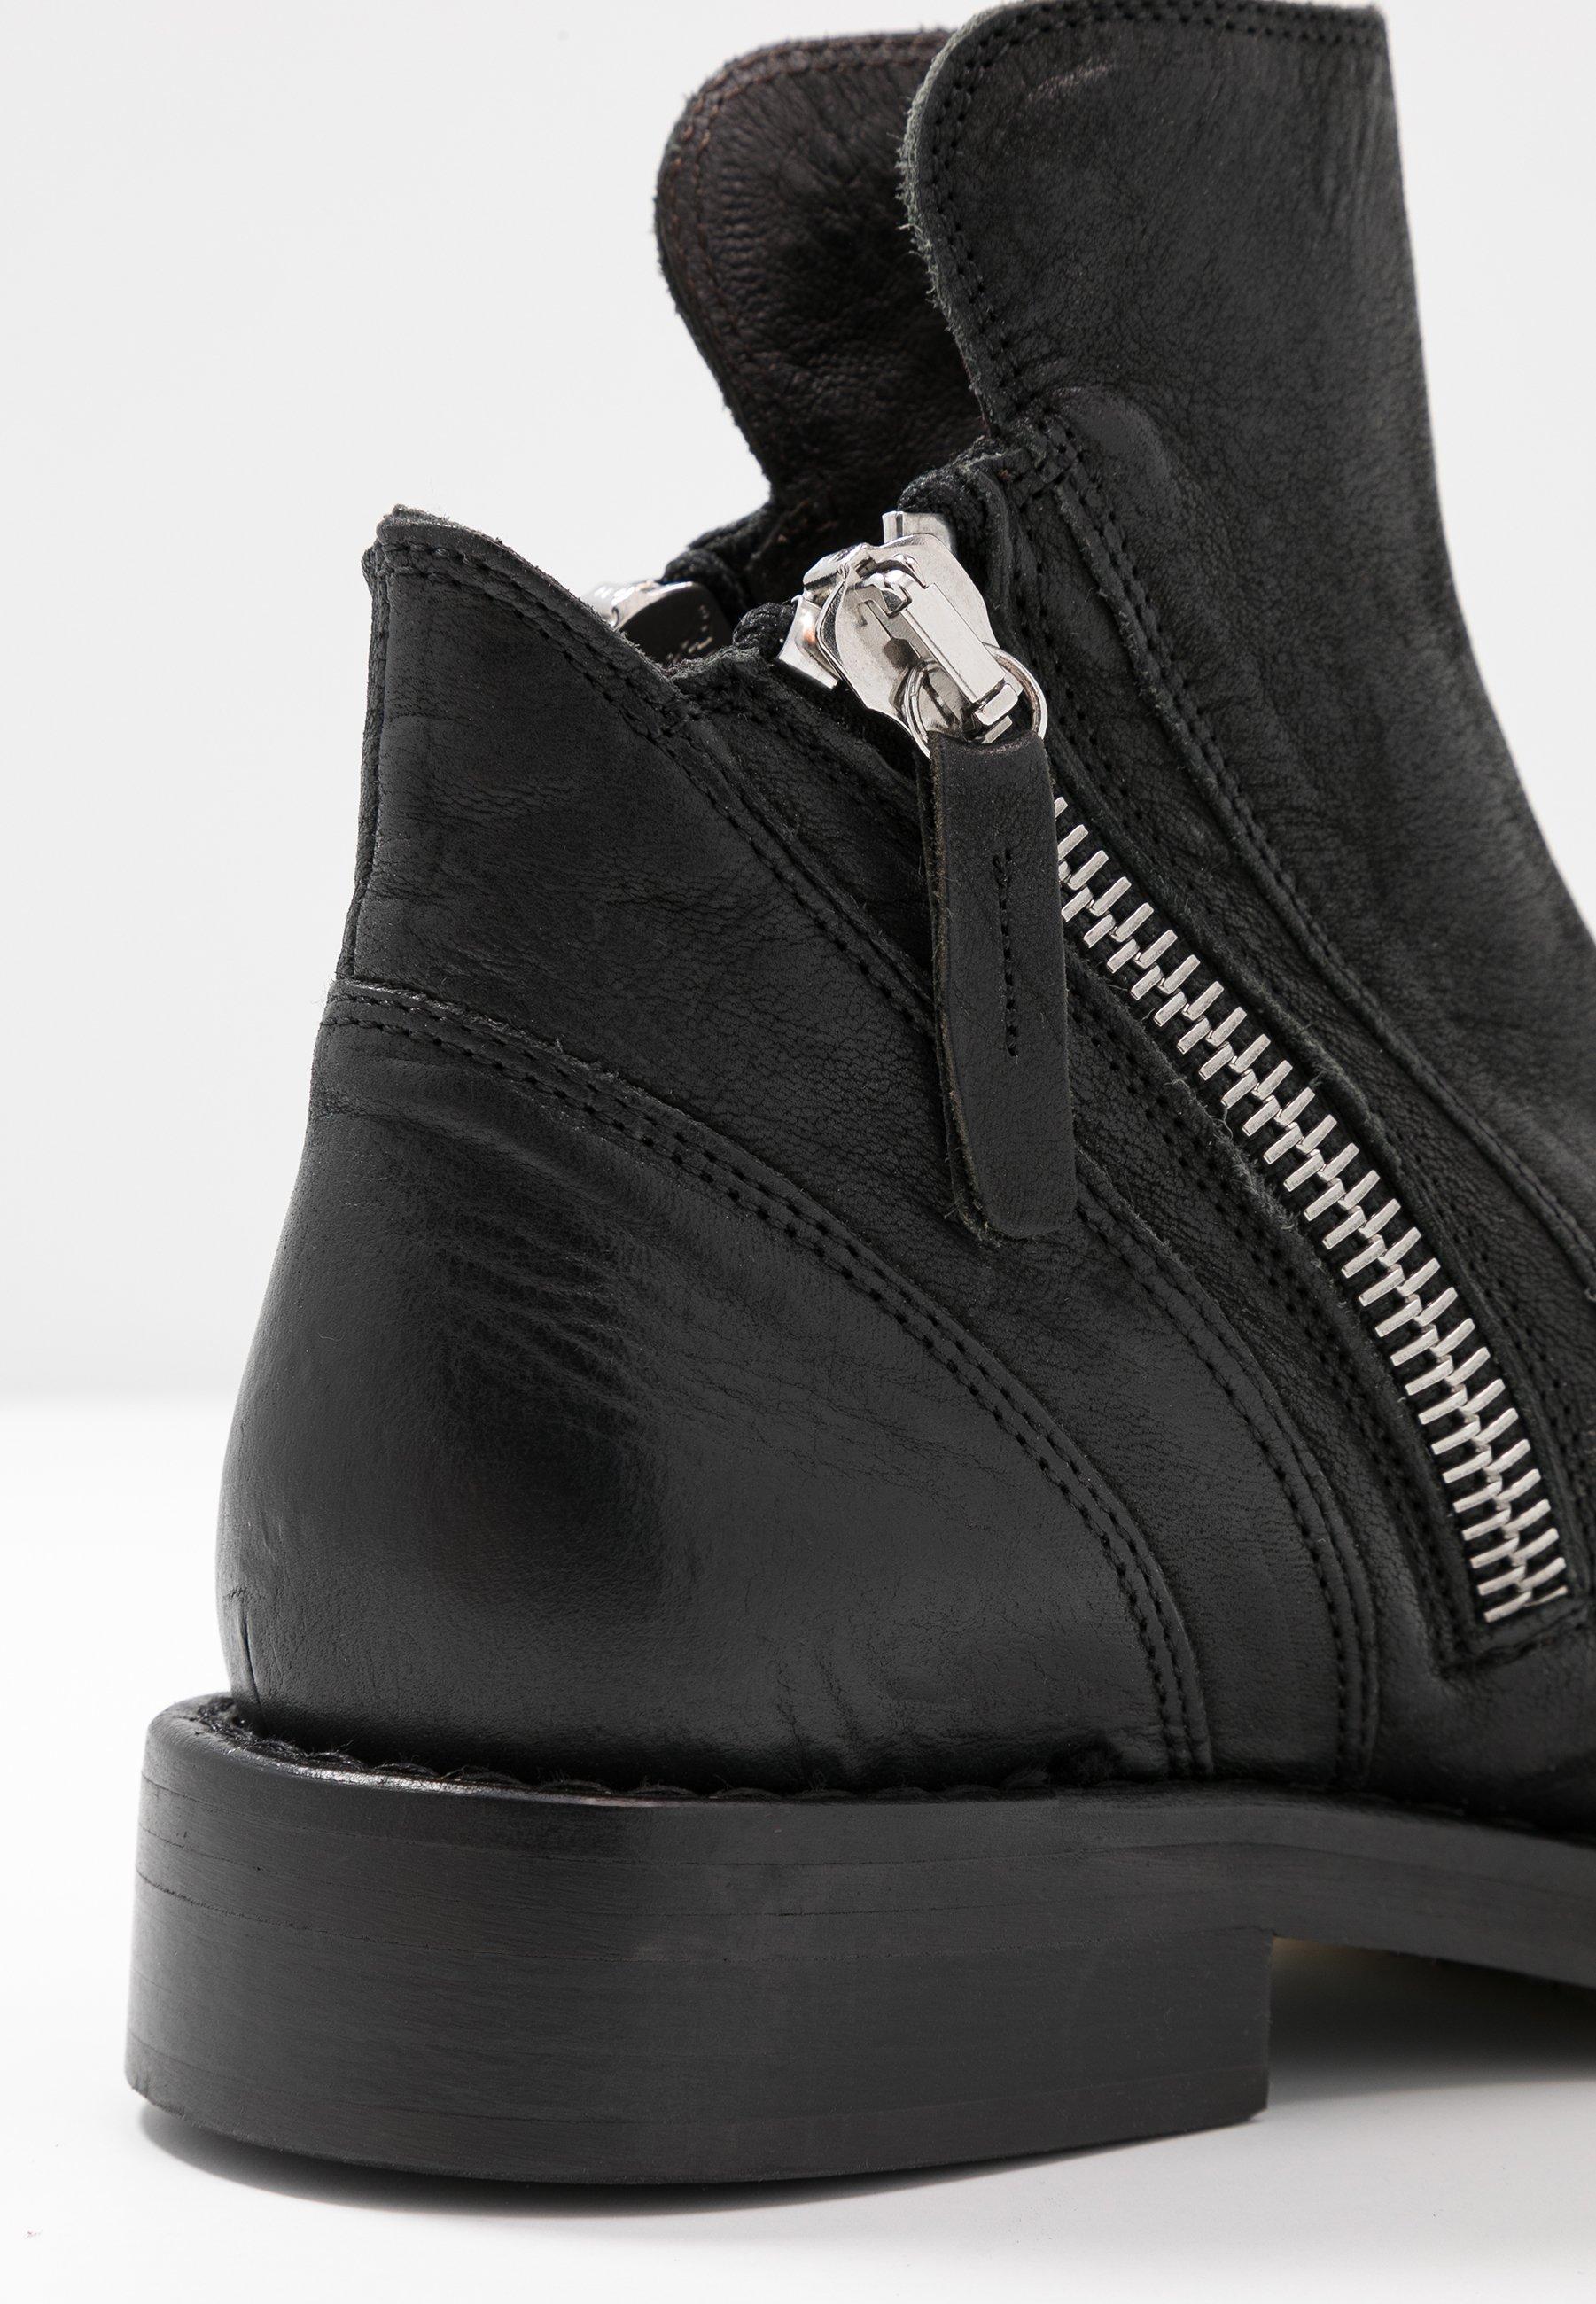 Billi Bi Stiefelette - black prG1Pd